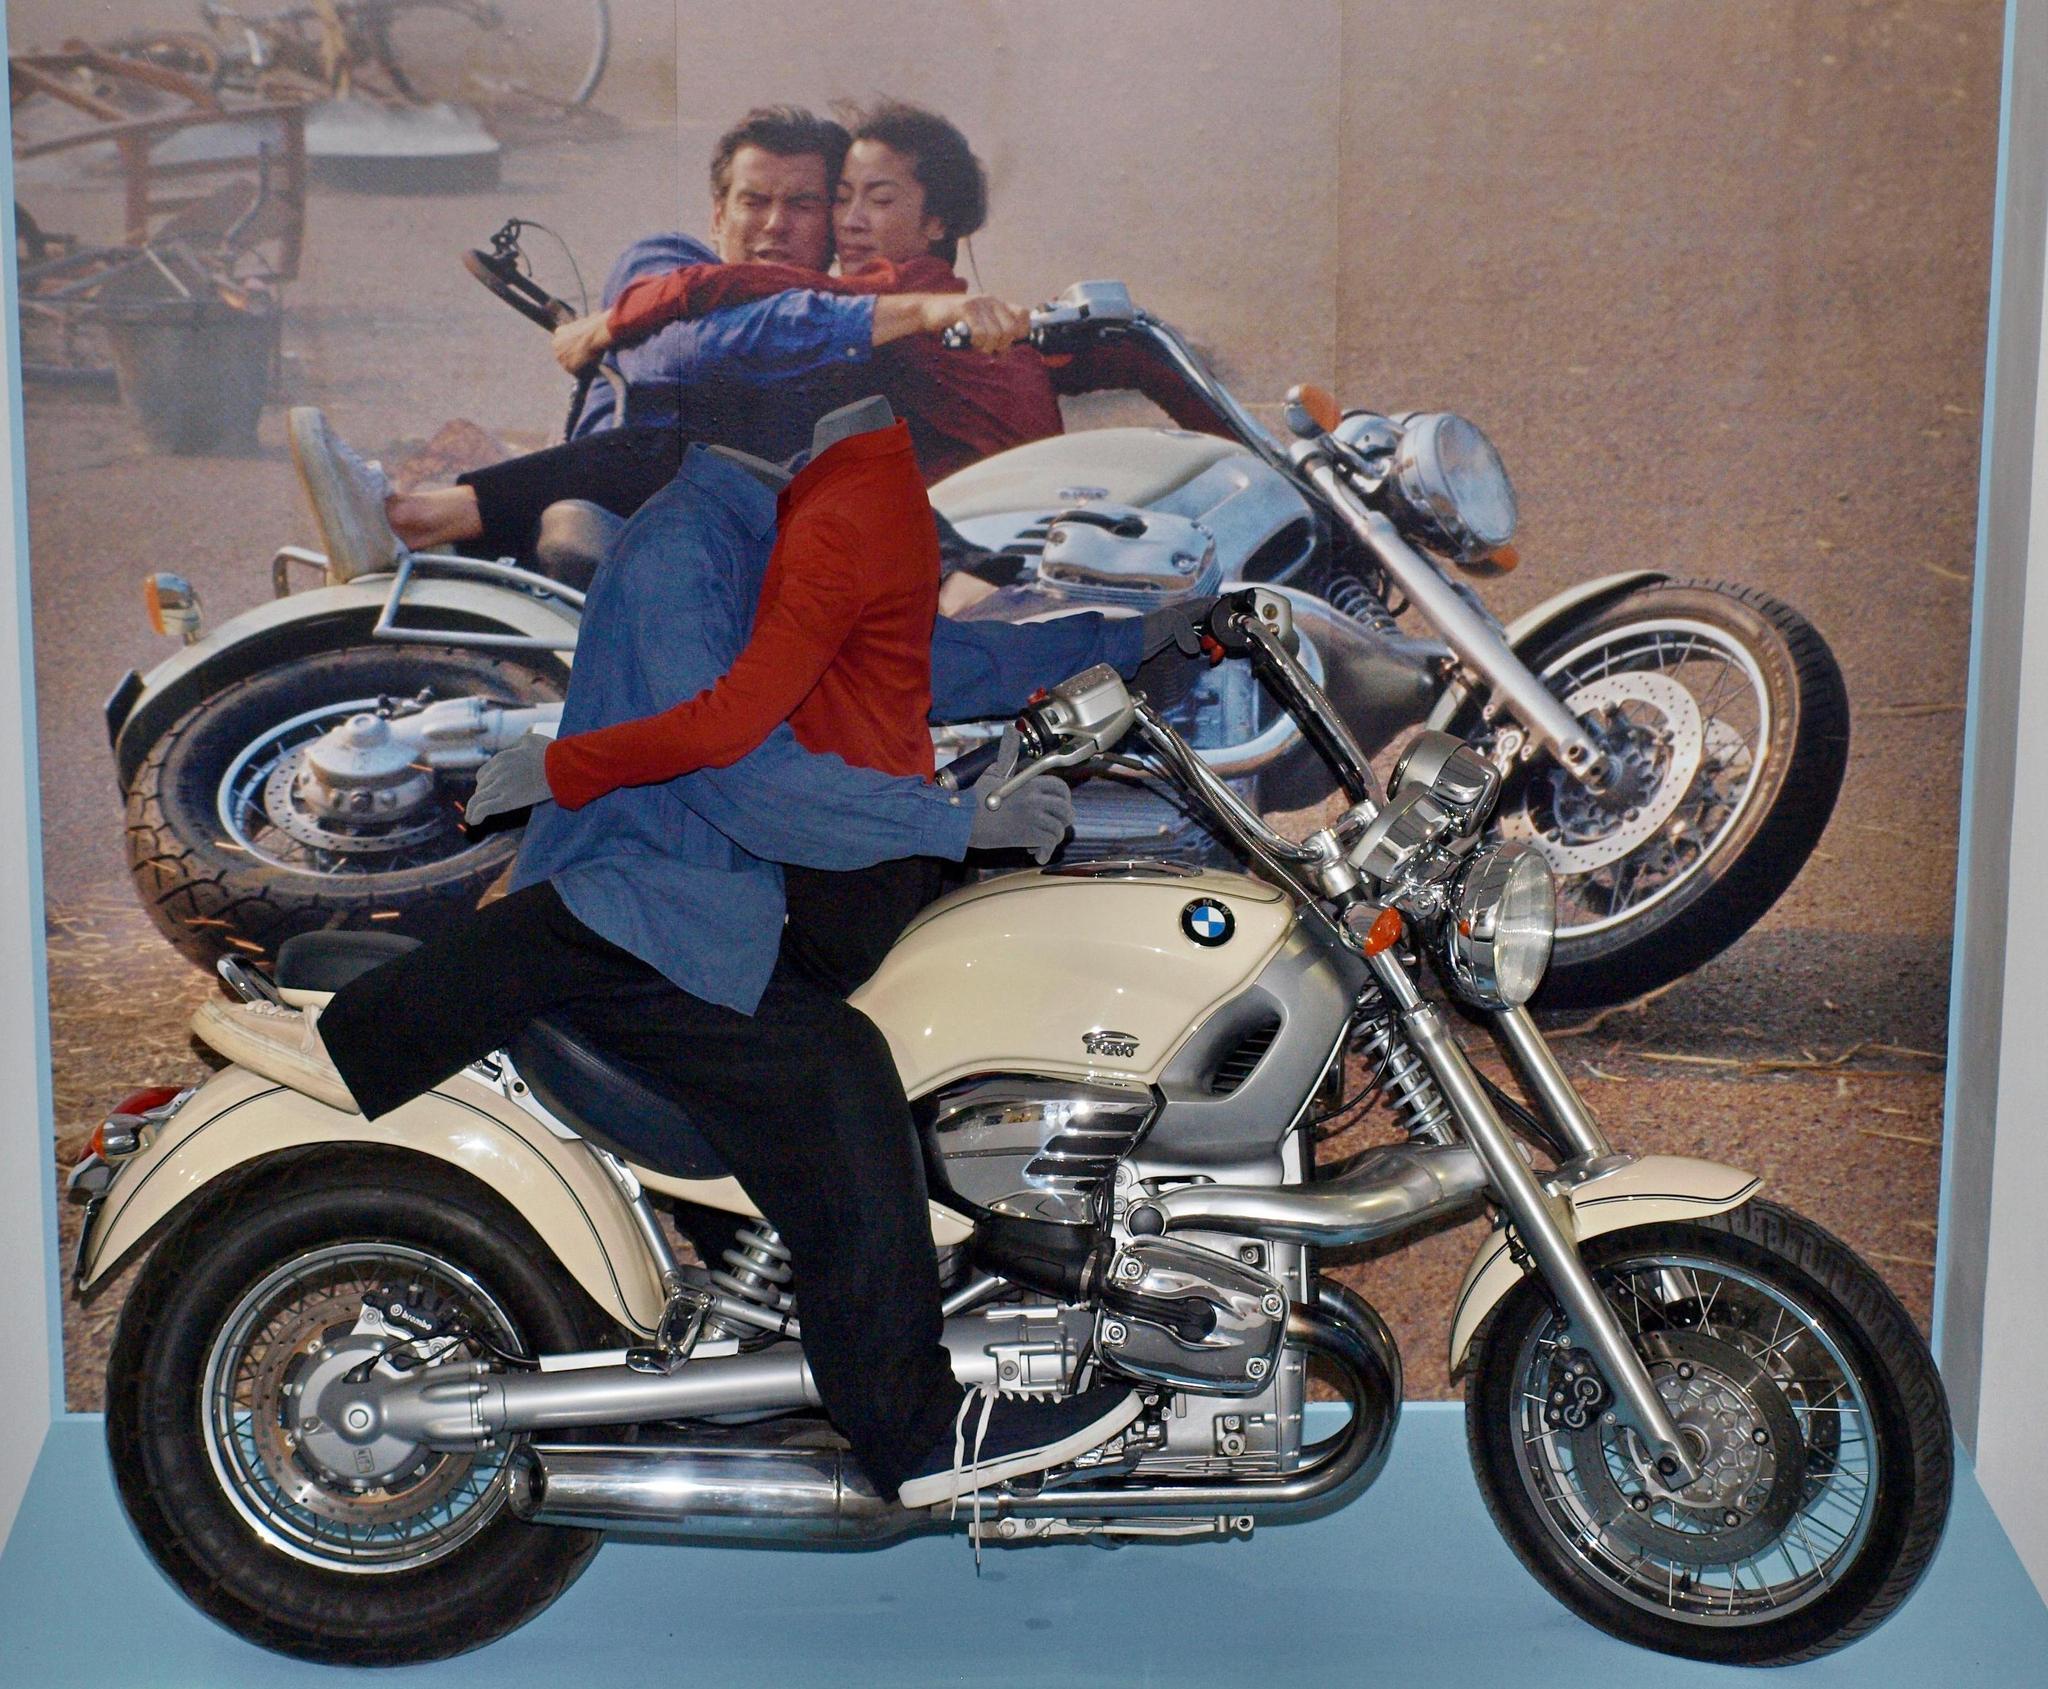 Мотоцикл BMW из «Завтра не умрёт никогда». Фотография Малец Михаила Георгиевича